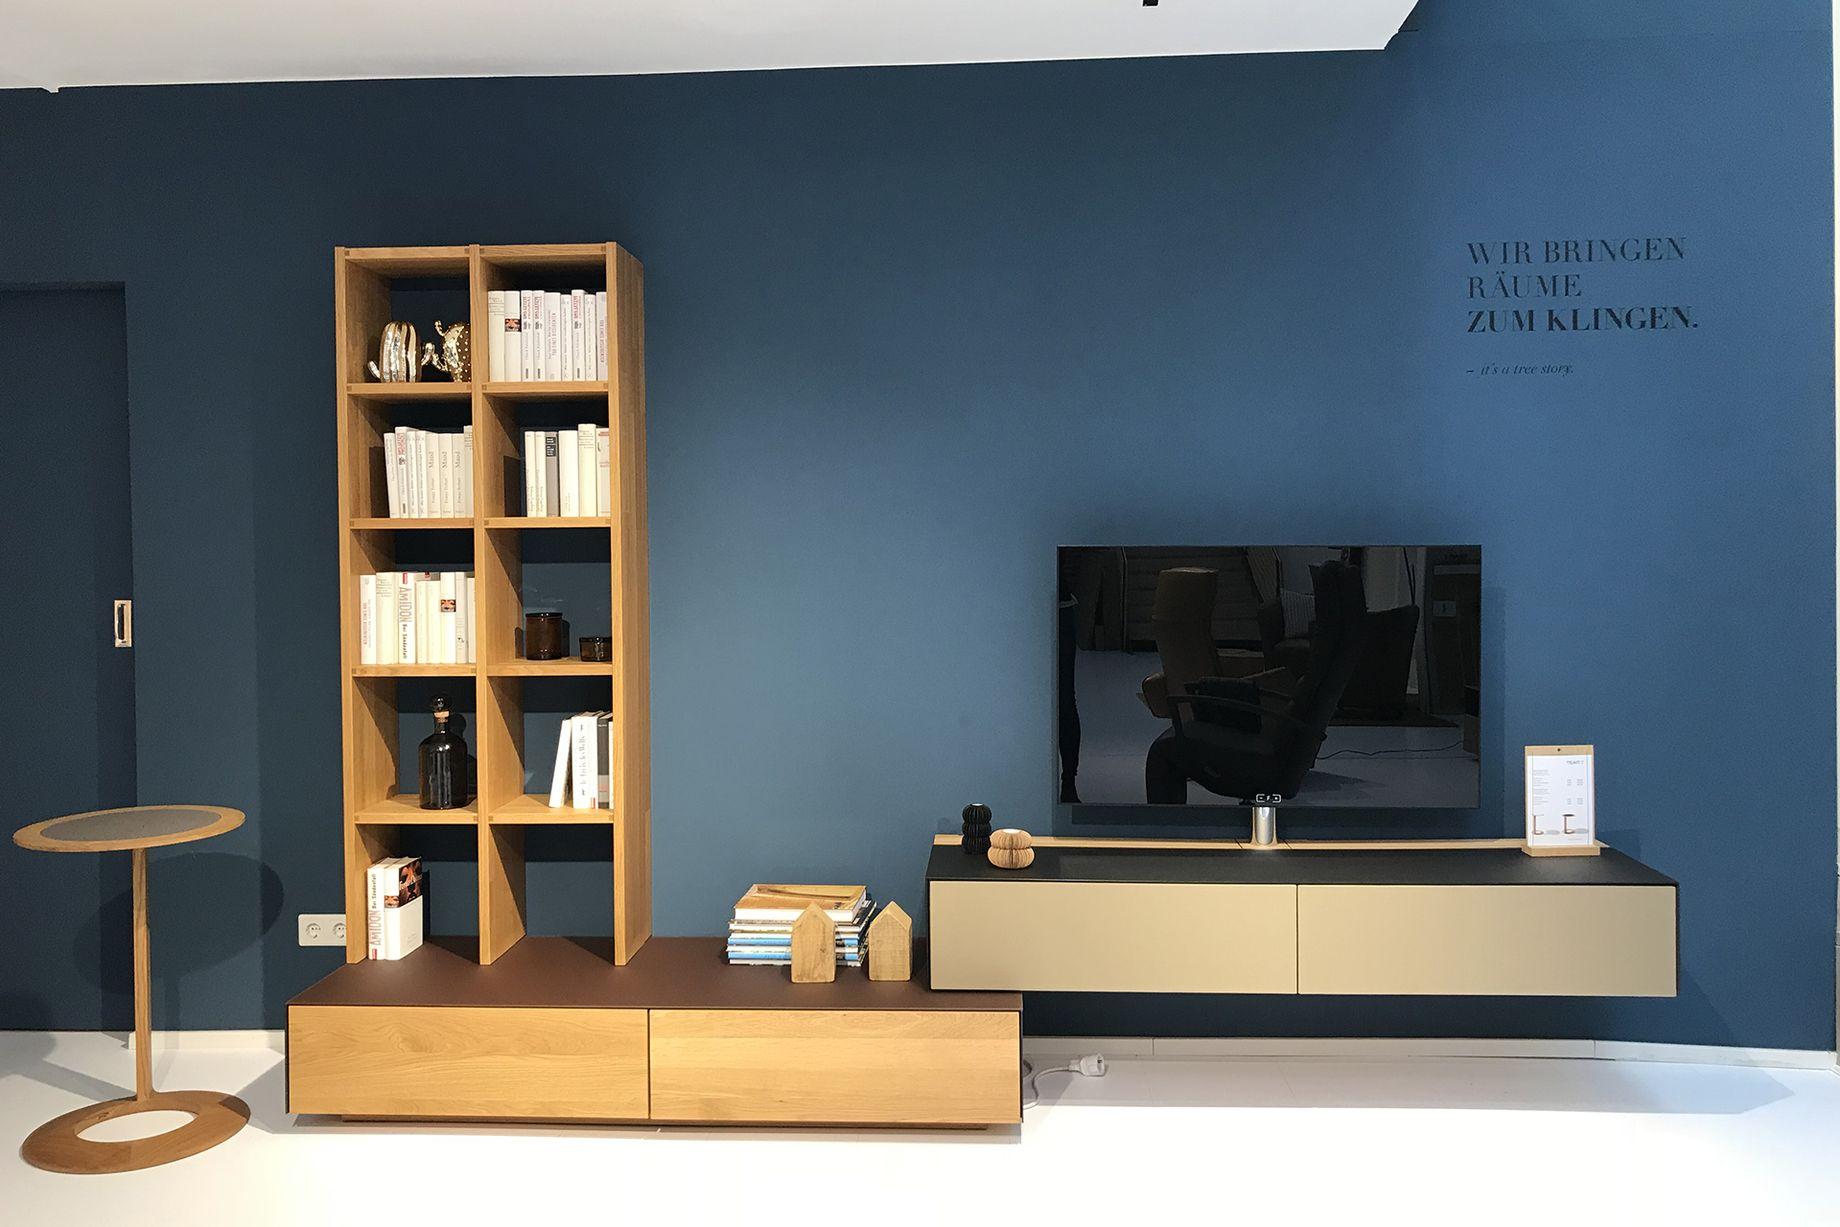 abverkauf reduzierter team 7 wohnzimmerm bel team 7 store ried. Black Bedroom Furniture Sets. Home Design Ideas